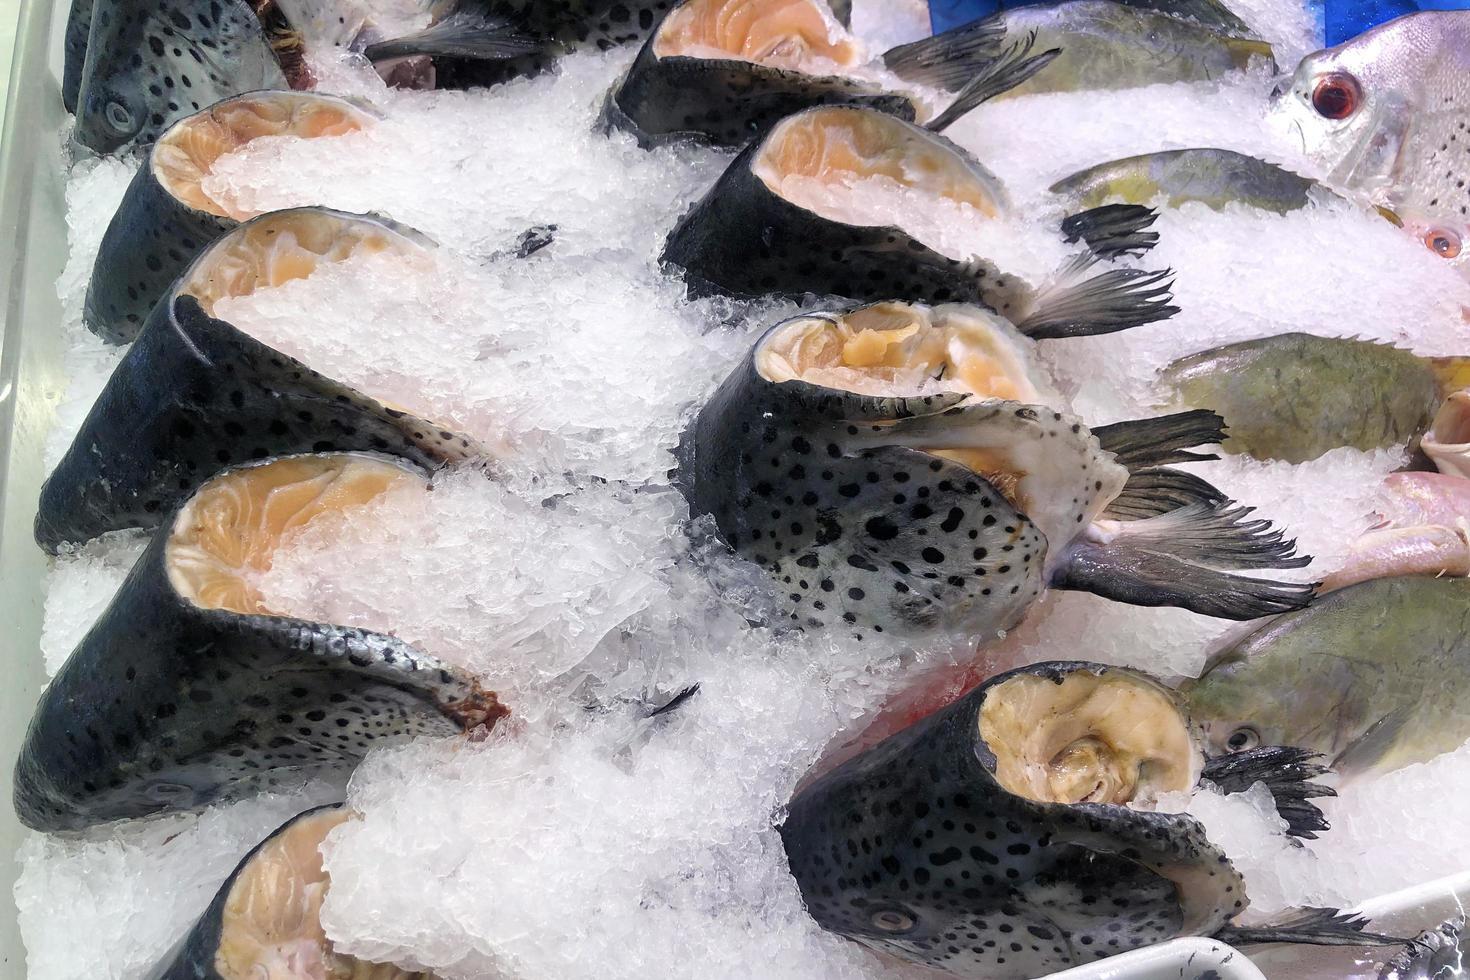 têtes de saumon congelées sur glace vendues au supermarché. photo